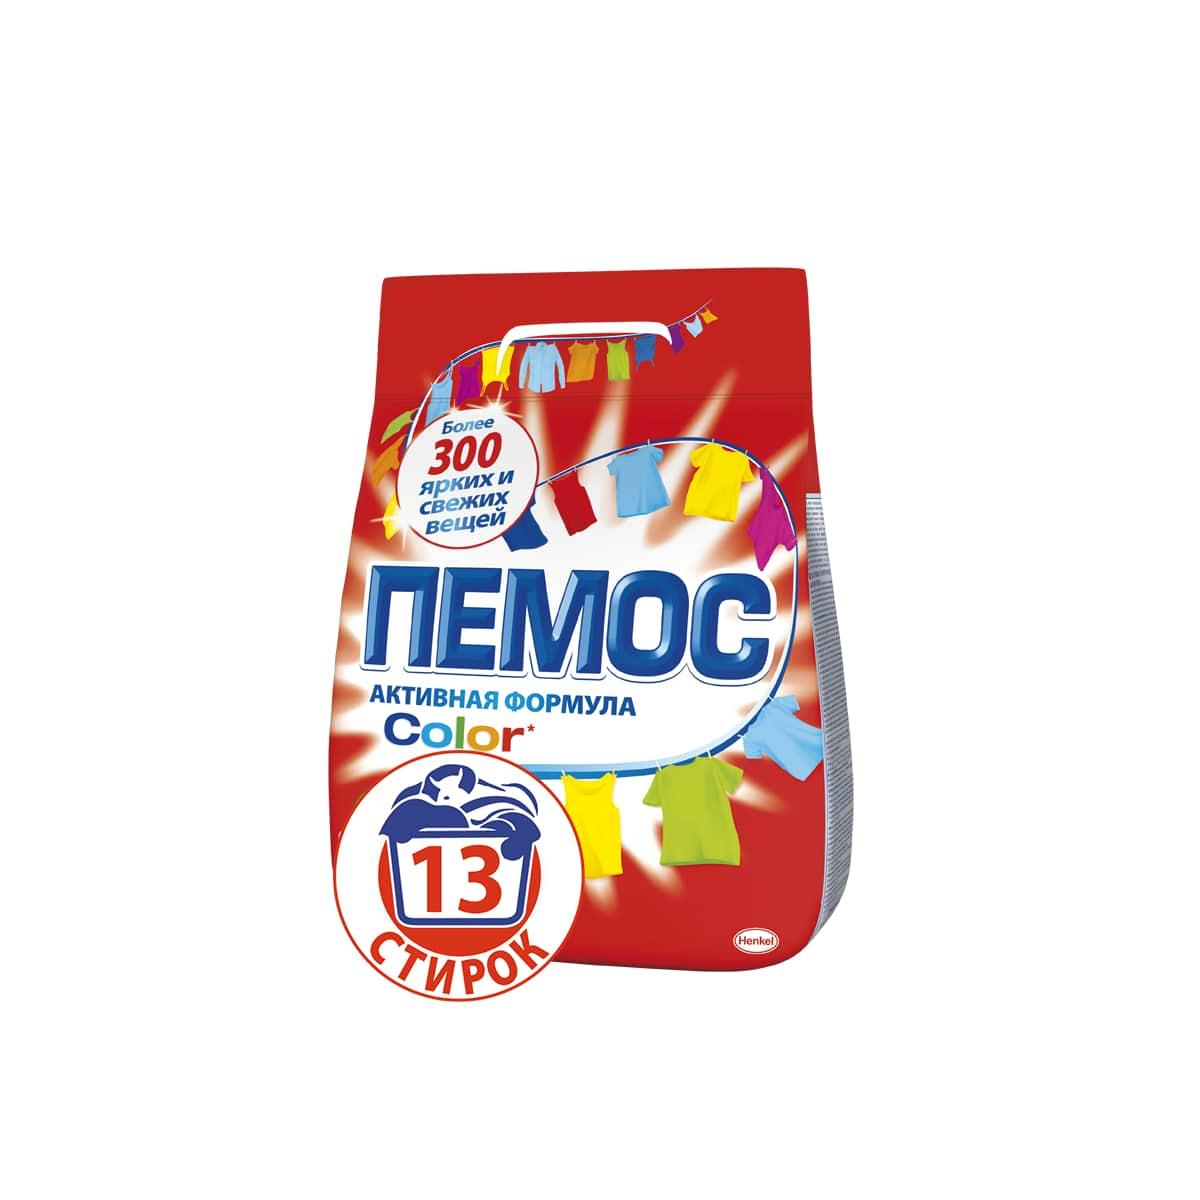 Стиральный порошок Пемос Color, для цветного белья, 2 кг787502Пемос Color - стиральный порошок для стирки цветного белья с эффективной формулой, которая отлично отстирывает различные загрязнения. Проникая между волокнами ткани, он растворяет и удаляет грязь, а содержащиеся специальные компоненты сохраняют цвета ткани яркими. С помощью одной пачки вы сможете отстирать более 300 вещей. Стиральный порошок Пемос Color - стирает много, стоит недорого. Товар сертифицирован.